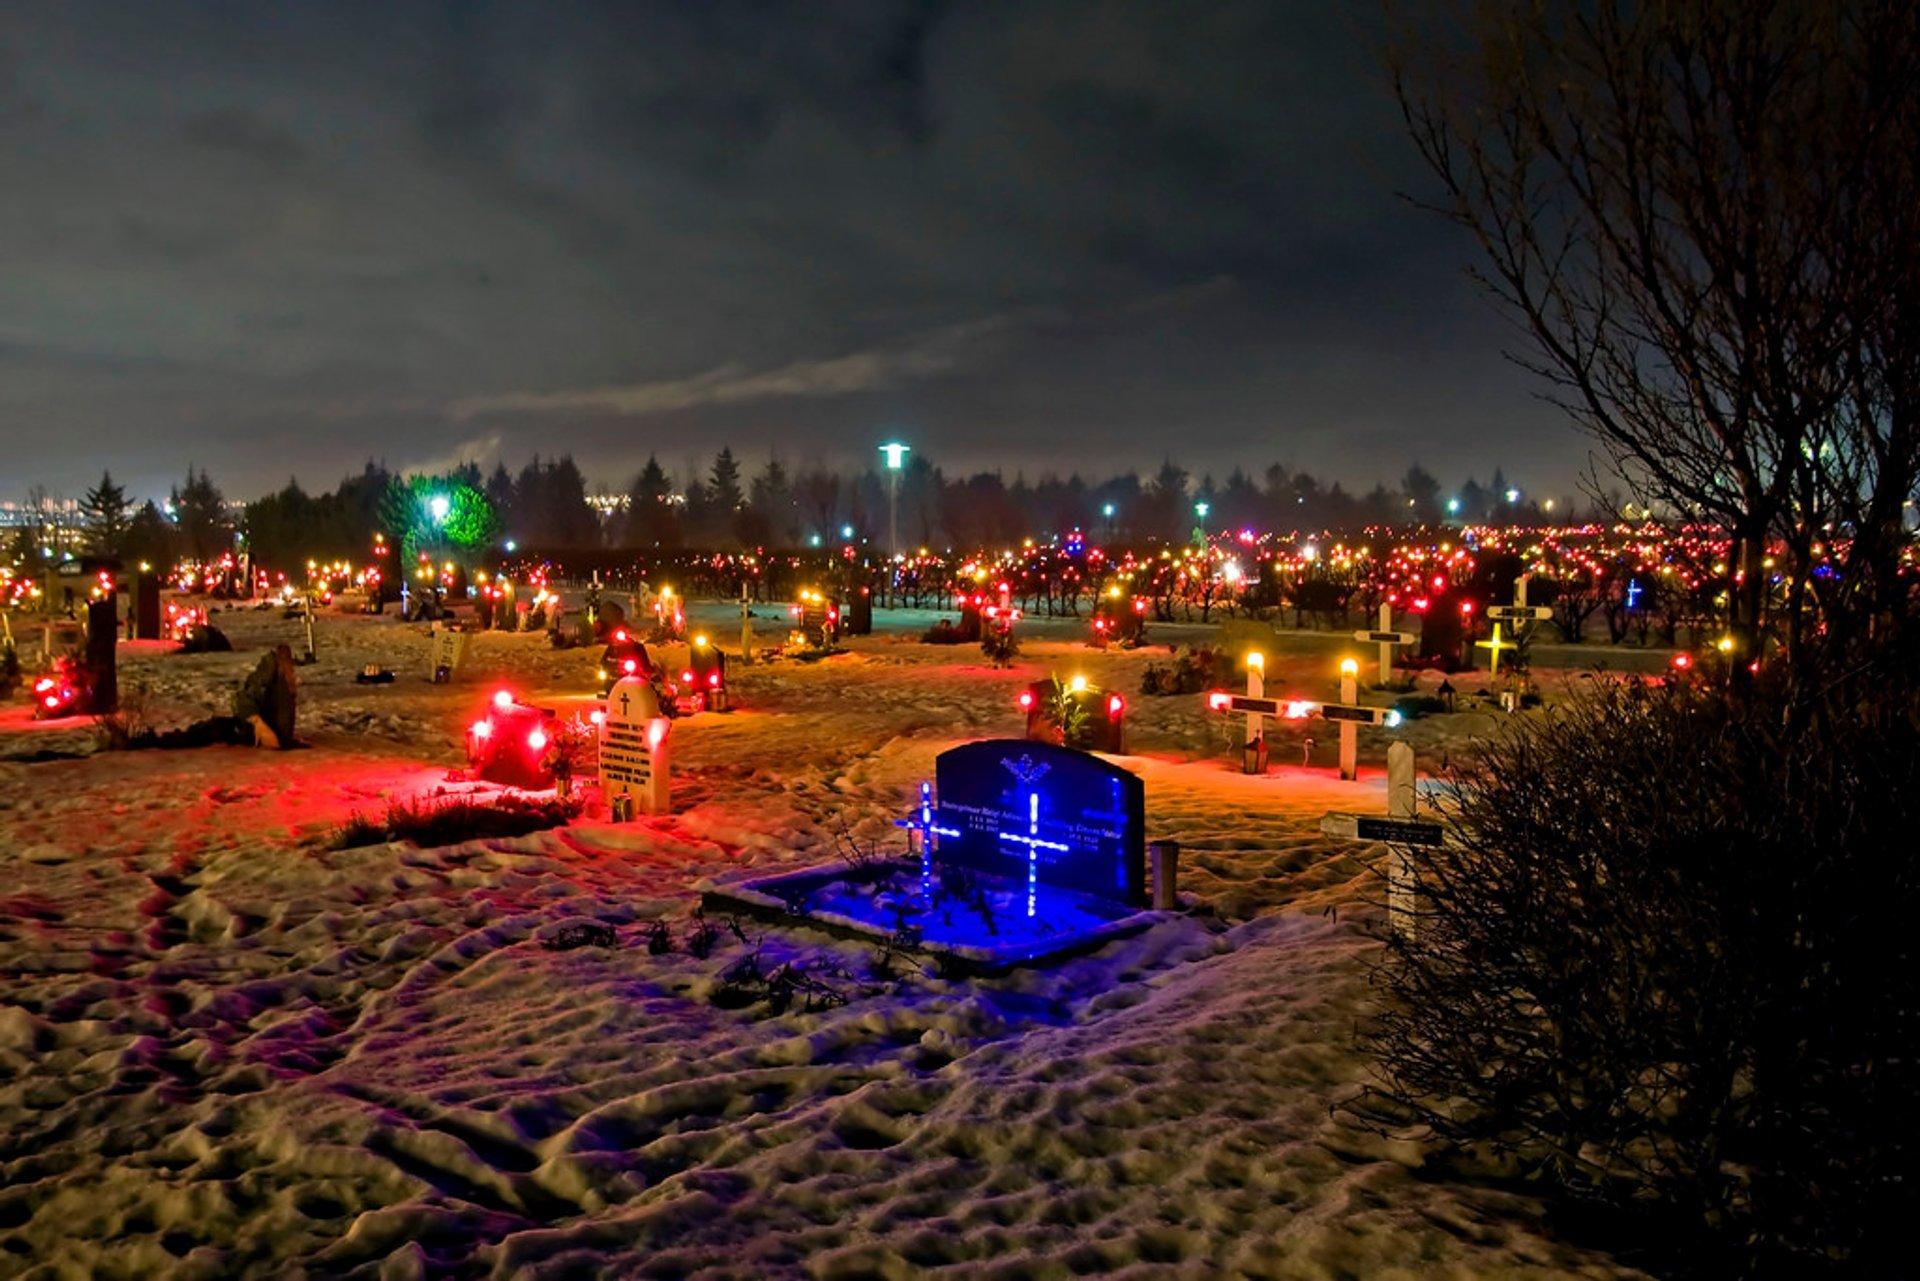 Graveyard in Hafnarjörður, Iceland 2020